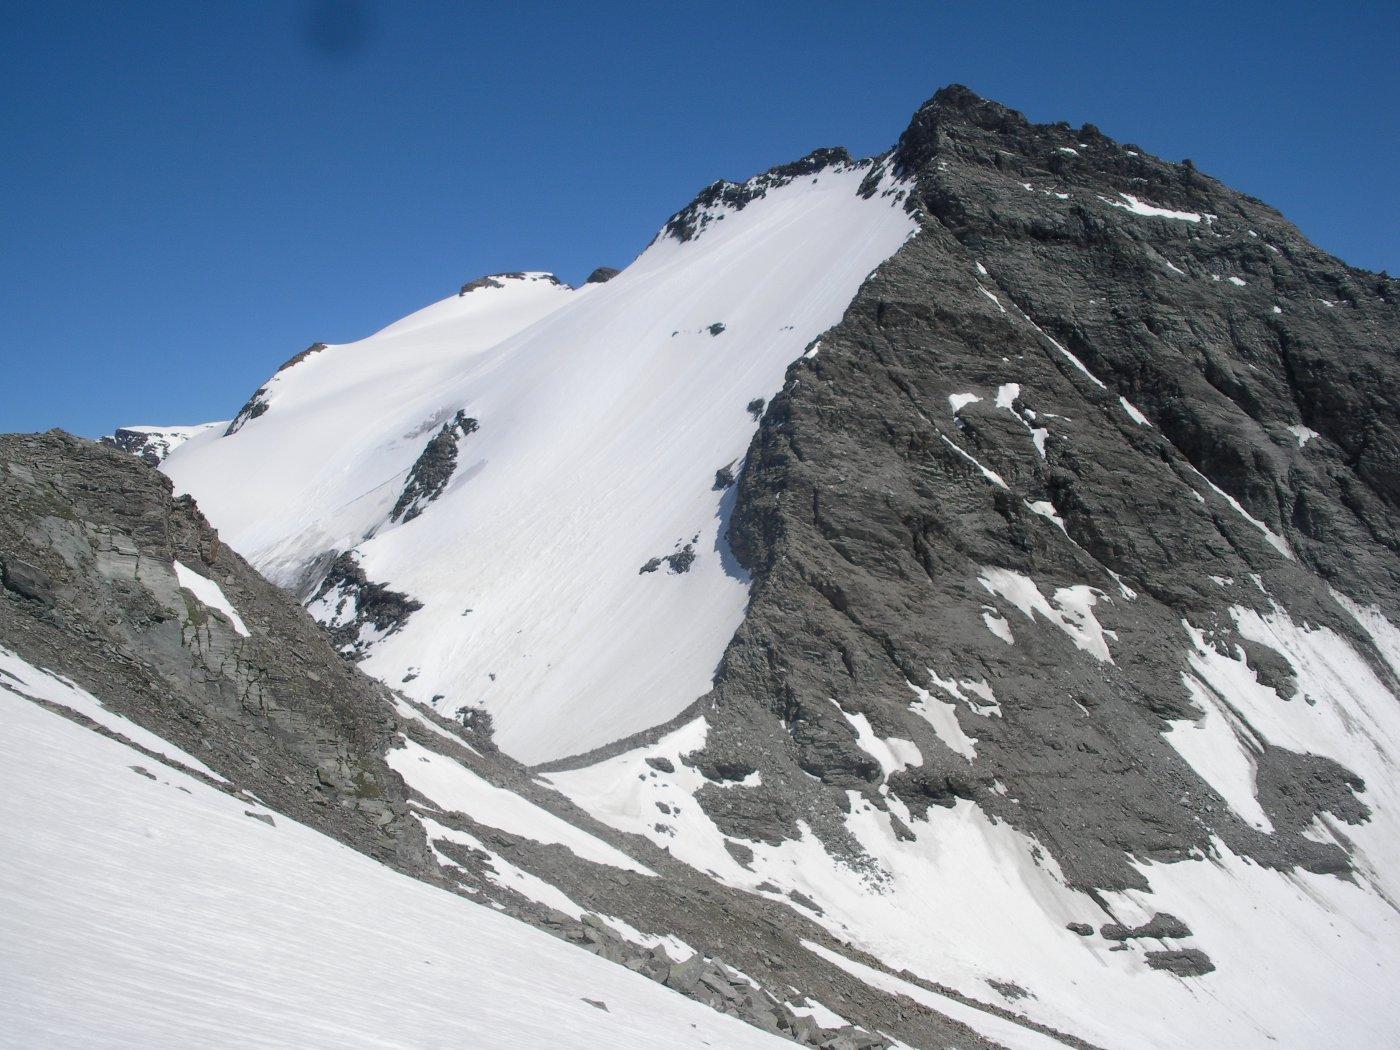 al centro il Col de la Fourche e a dx la P.ouest du Grand Fond..ormai in chiusura di anello..